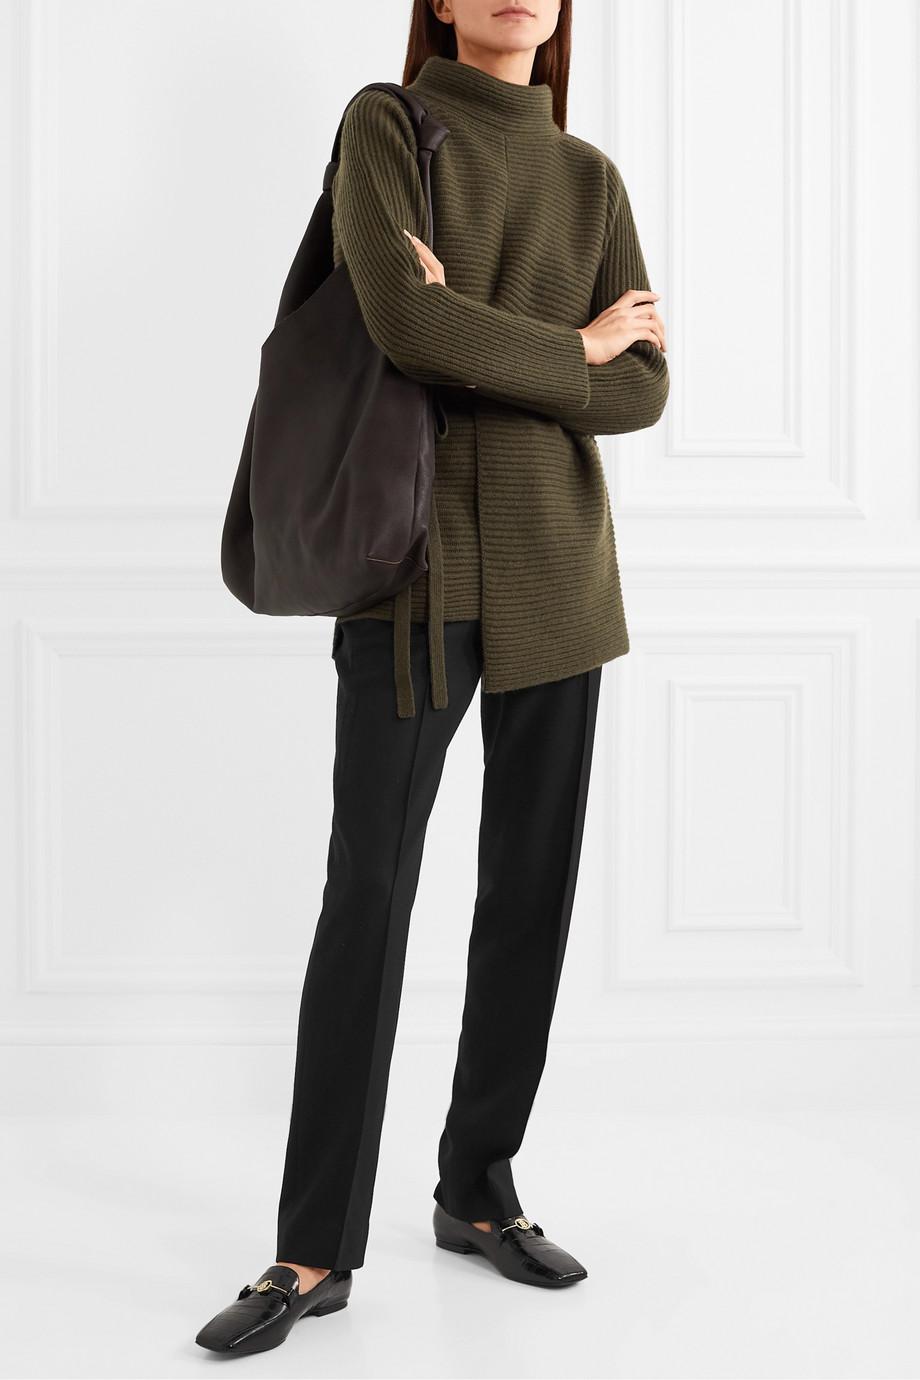 Vince Crepe straight-leg pants